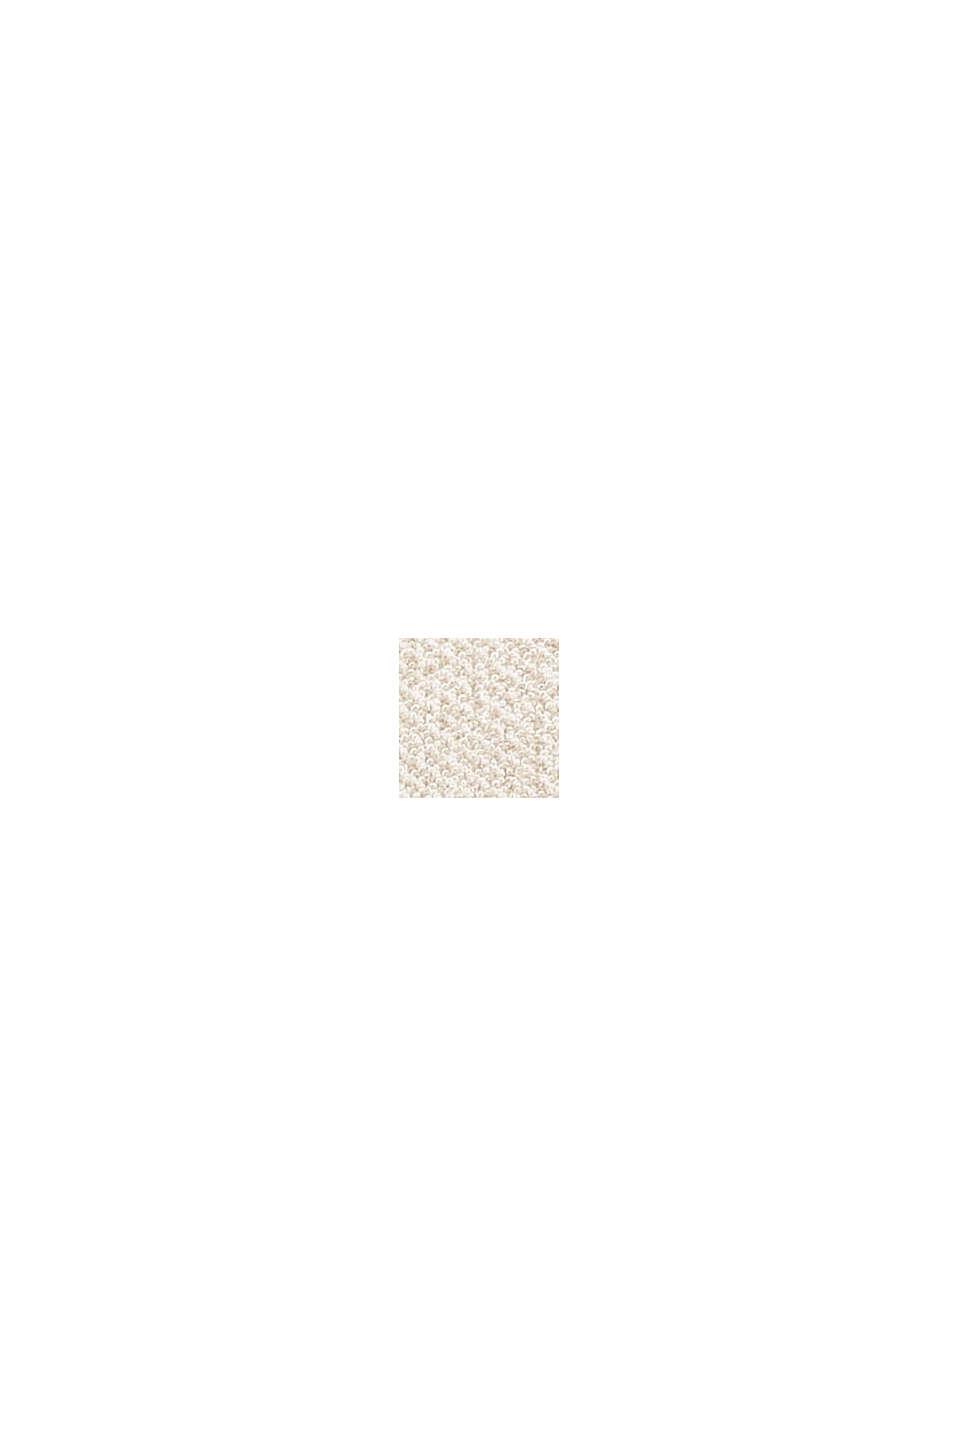 Handtuch aus 100% Baumwolle, SAND, swatch